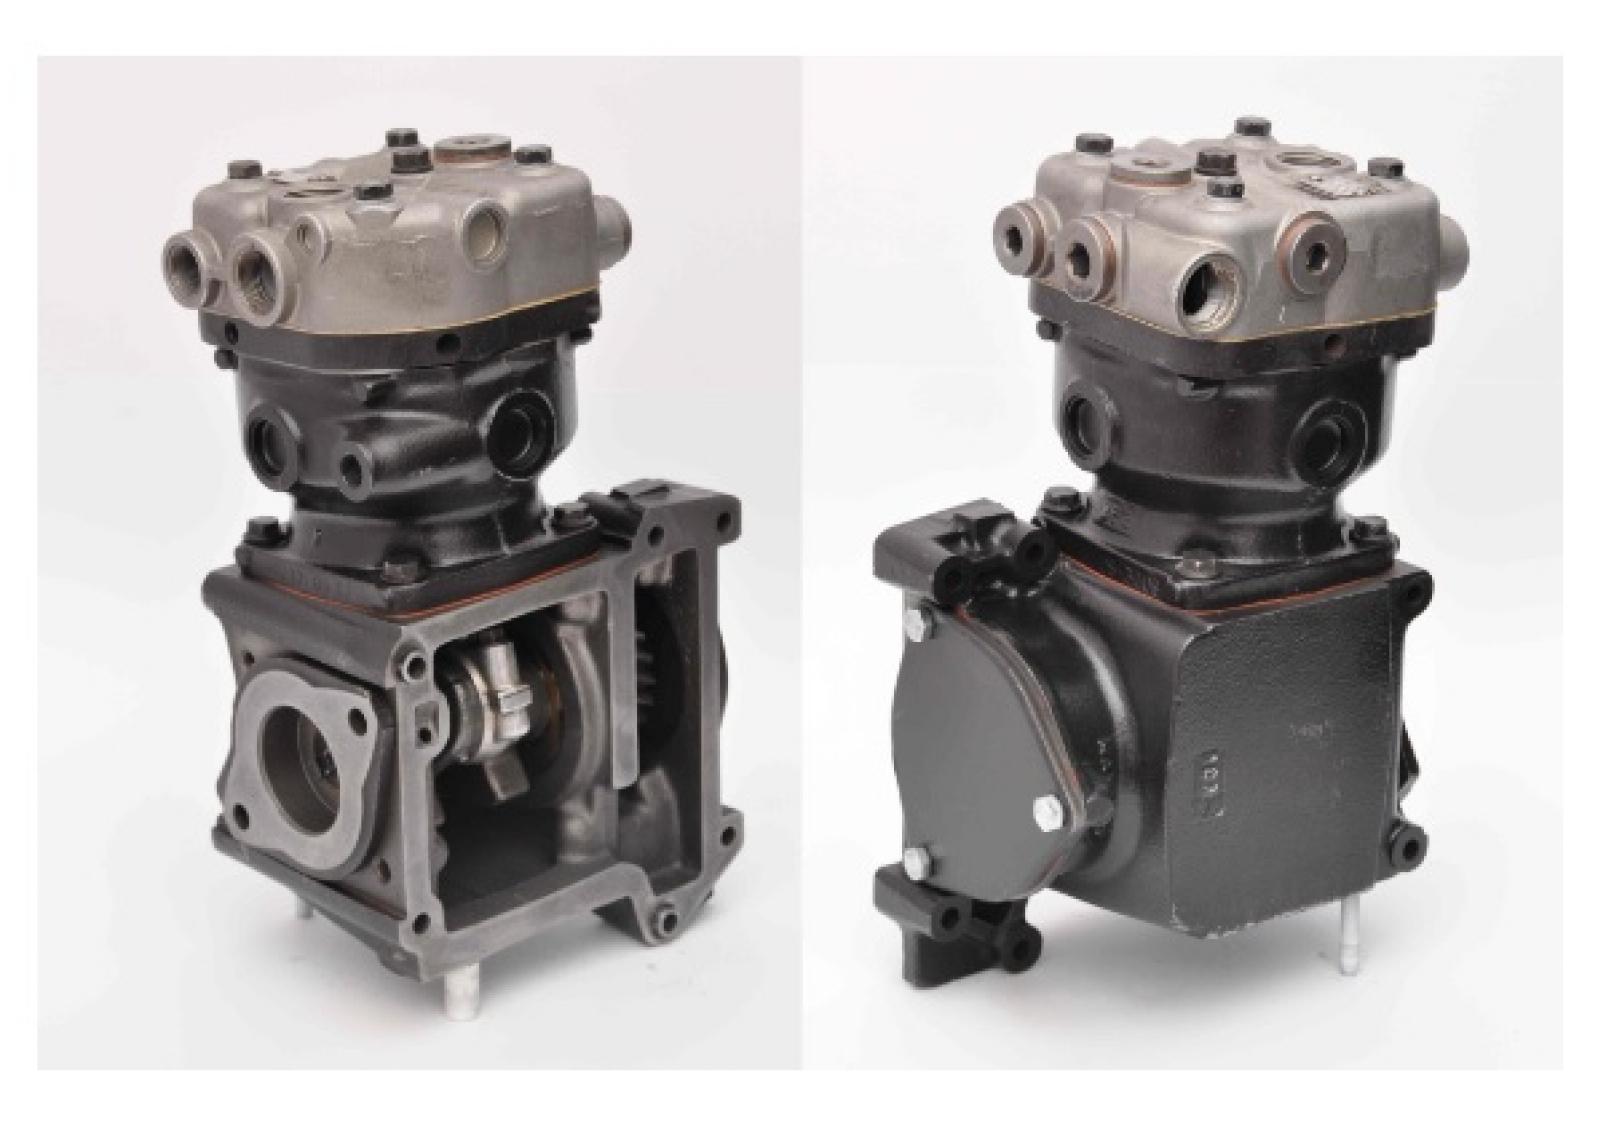 Air Compressor for Man, 51540007074, 4071300515, 51540007059, 51540007057, 4071300115